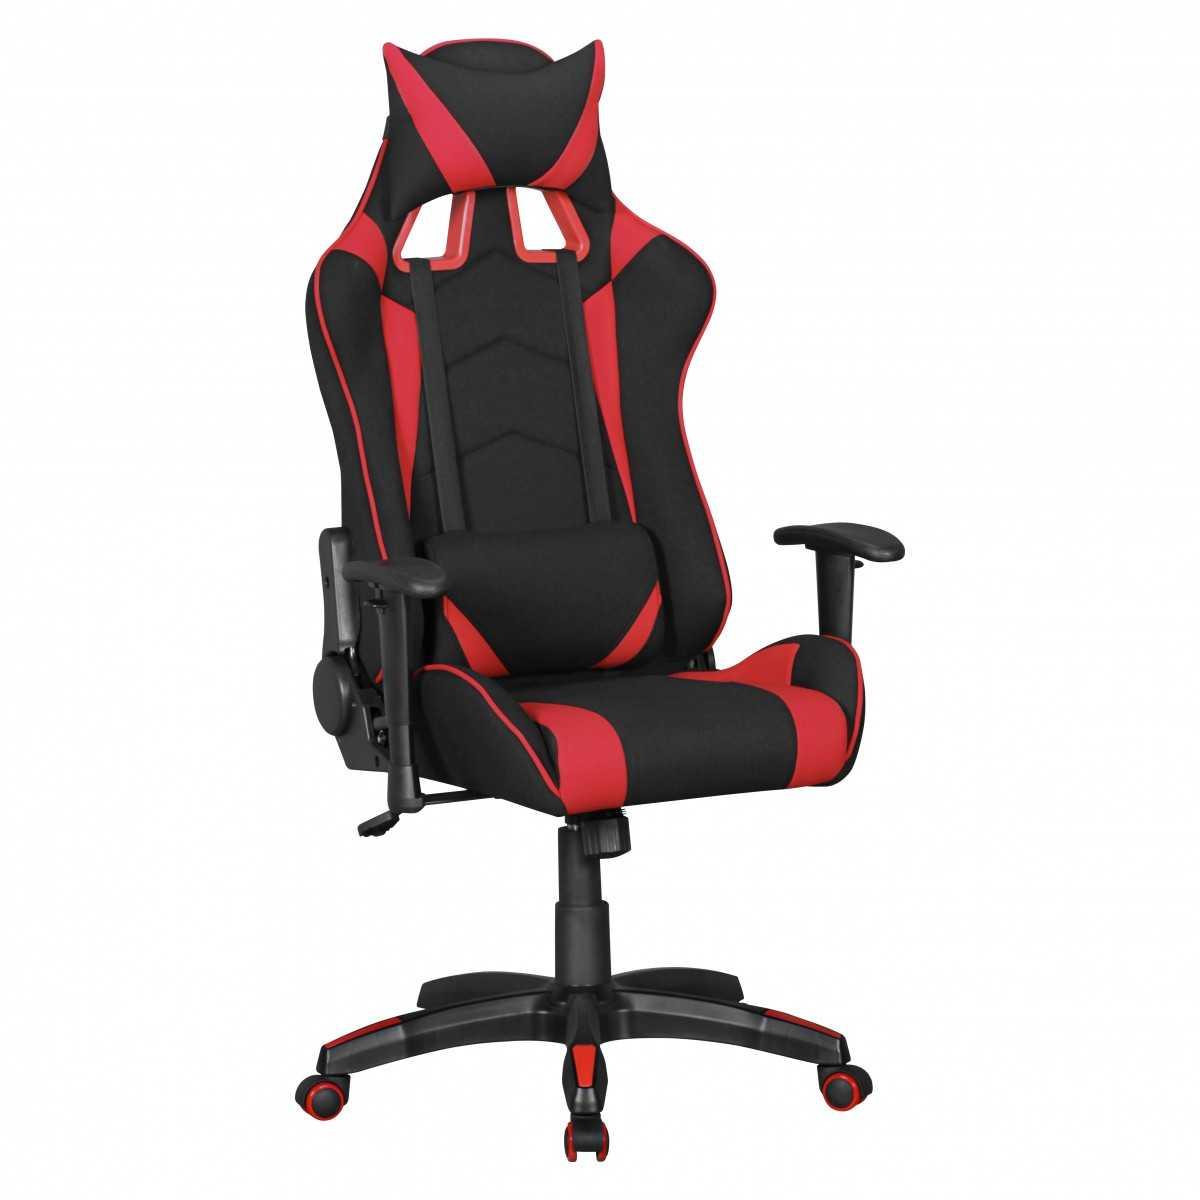 Eye Catching Schreibtischstuhl Ohne Armlehne Reference Of Finebuy-goal-gaming-chair-mit-stoffbezug-schreibtisch-stuhl-